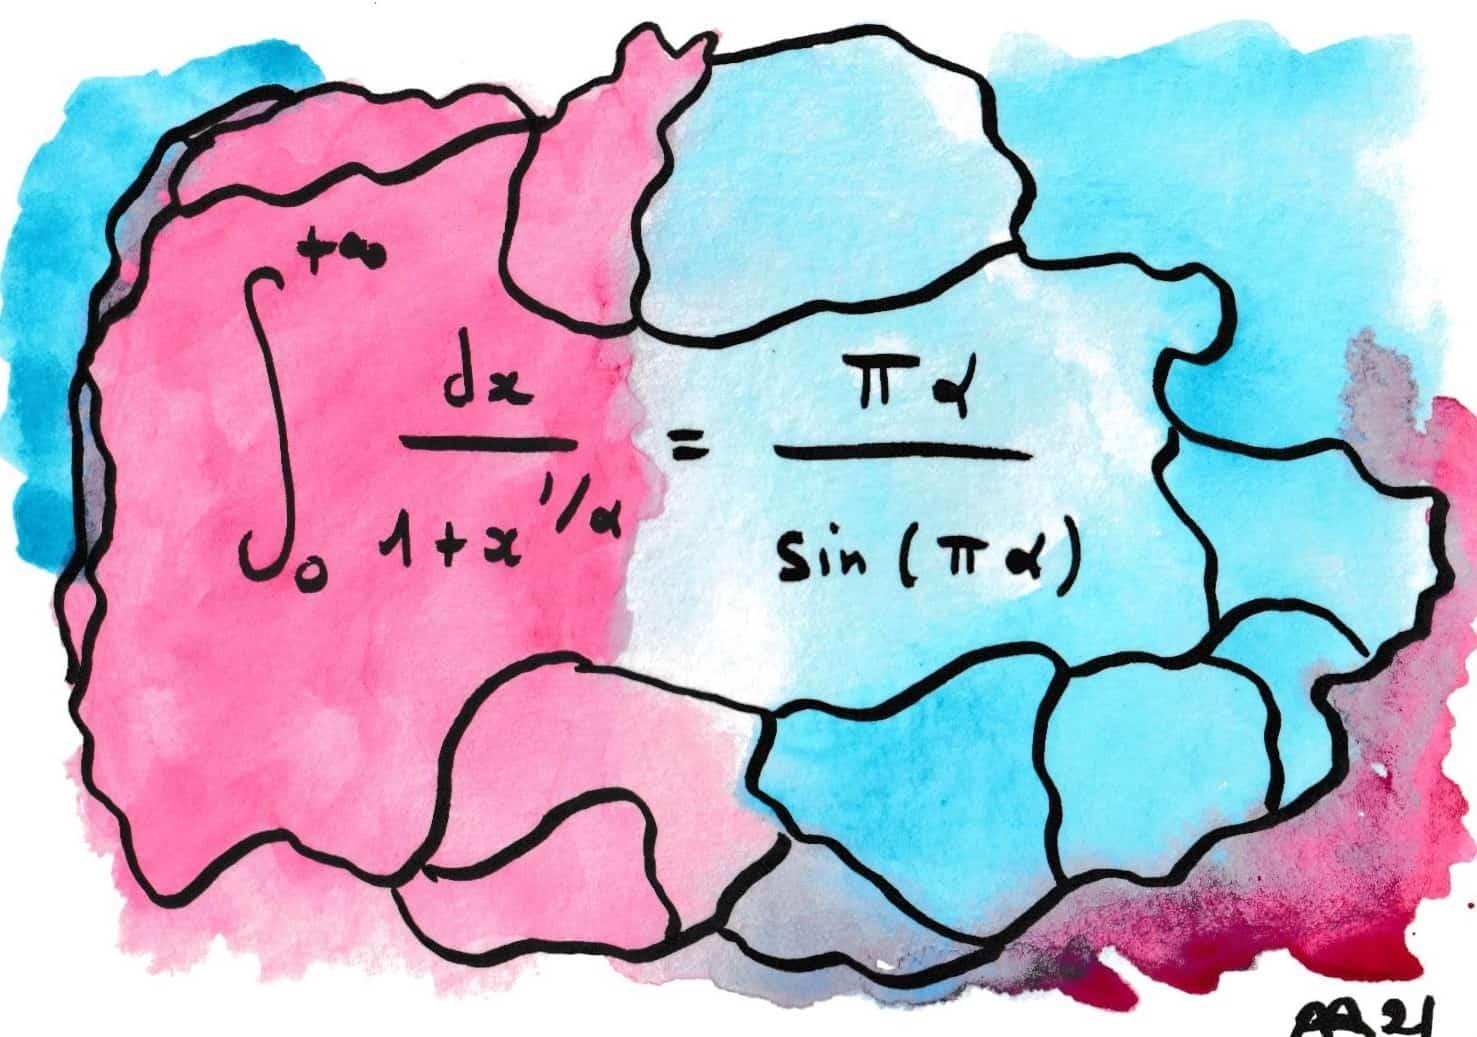 La beauté des formules de mathématiques 18